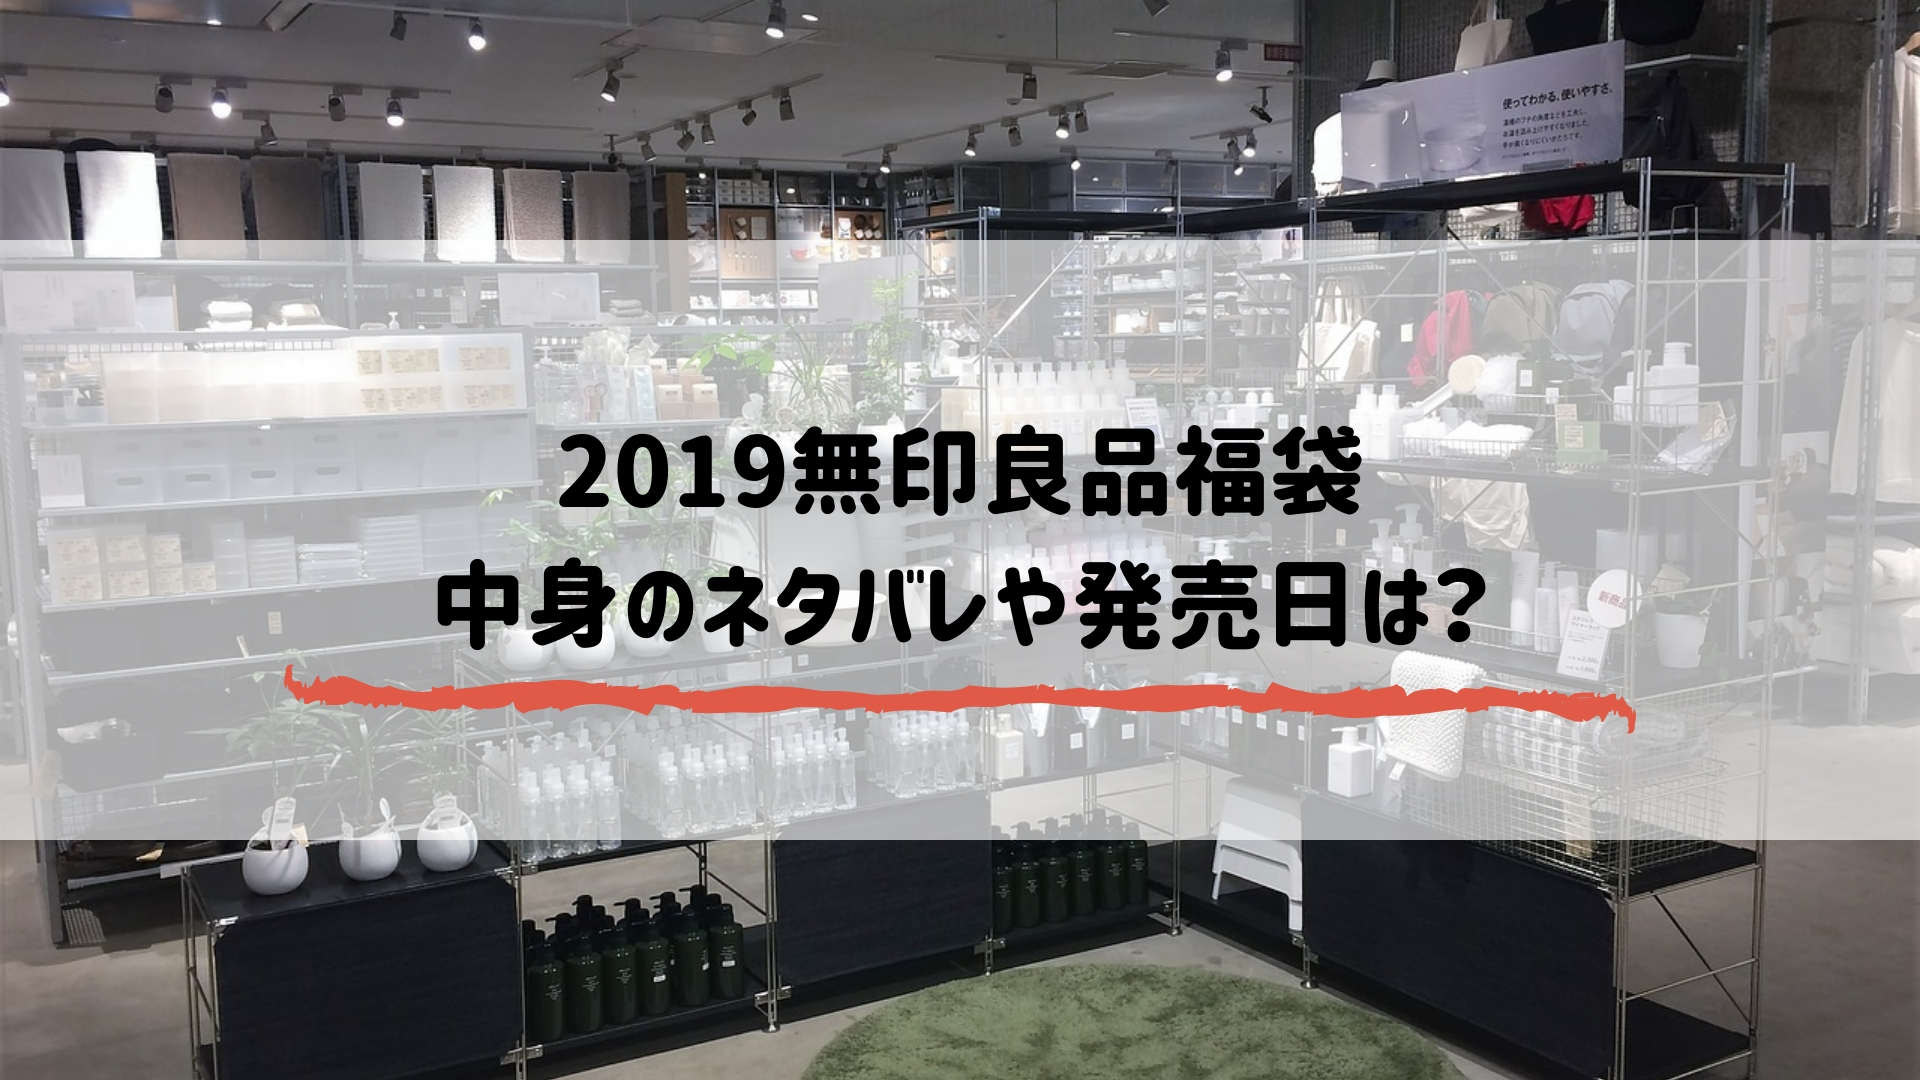 2019無印良品福袋 中身のネタバレや発売日は?